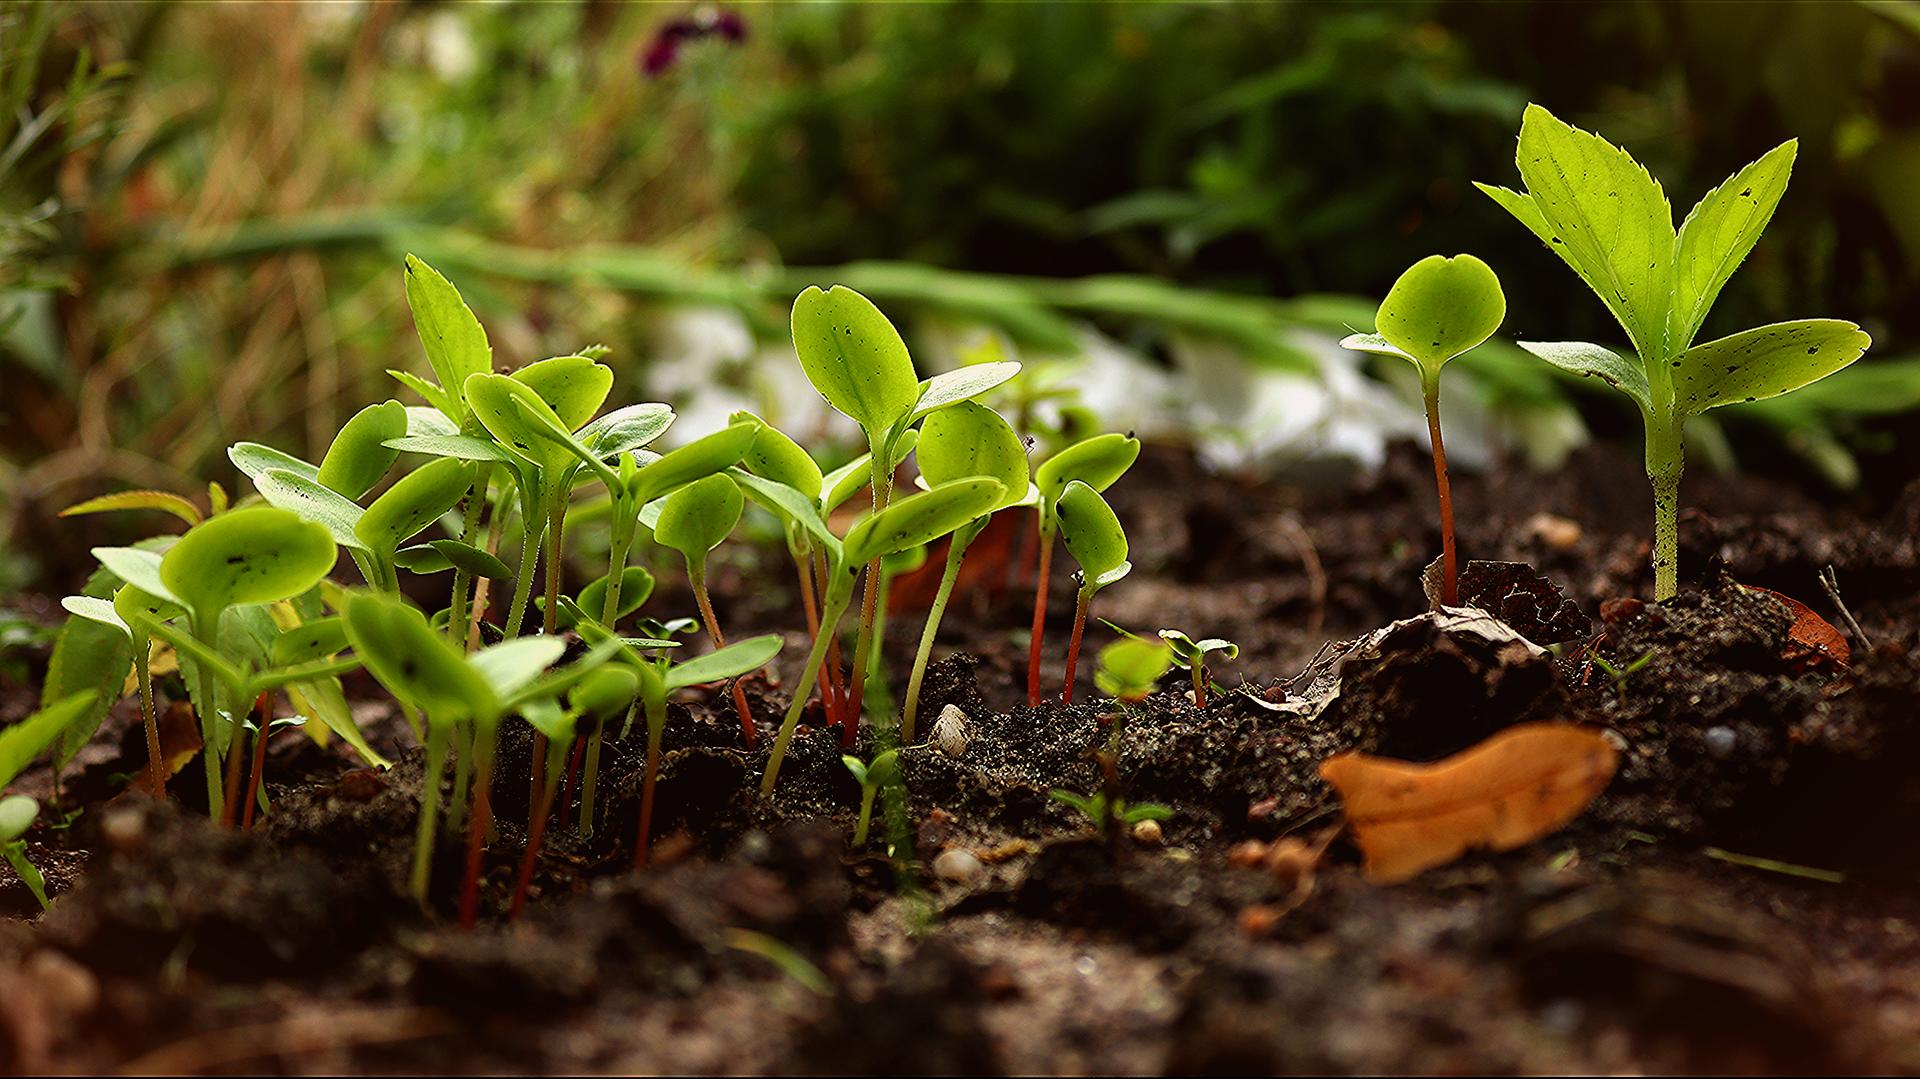 Små plantor i jord